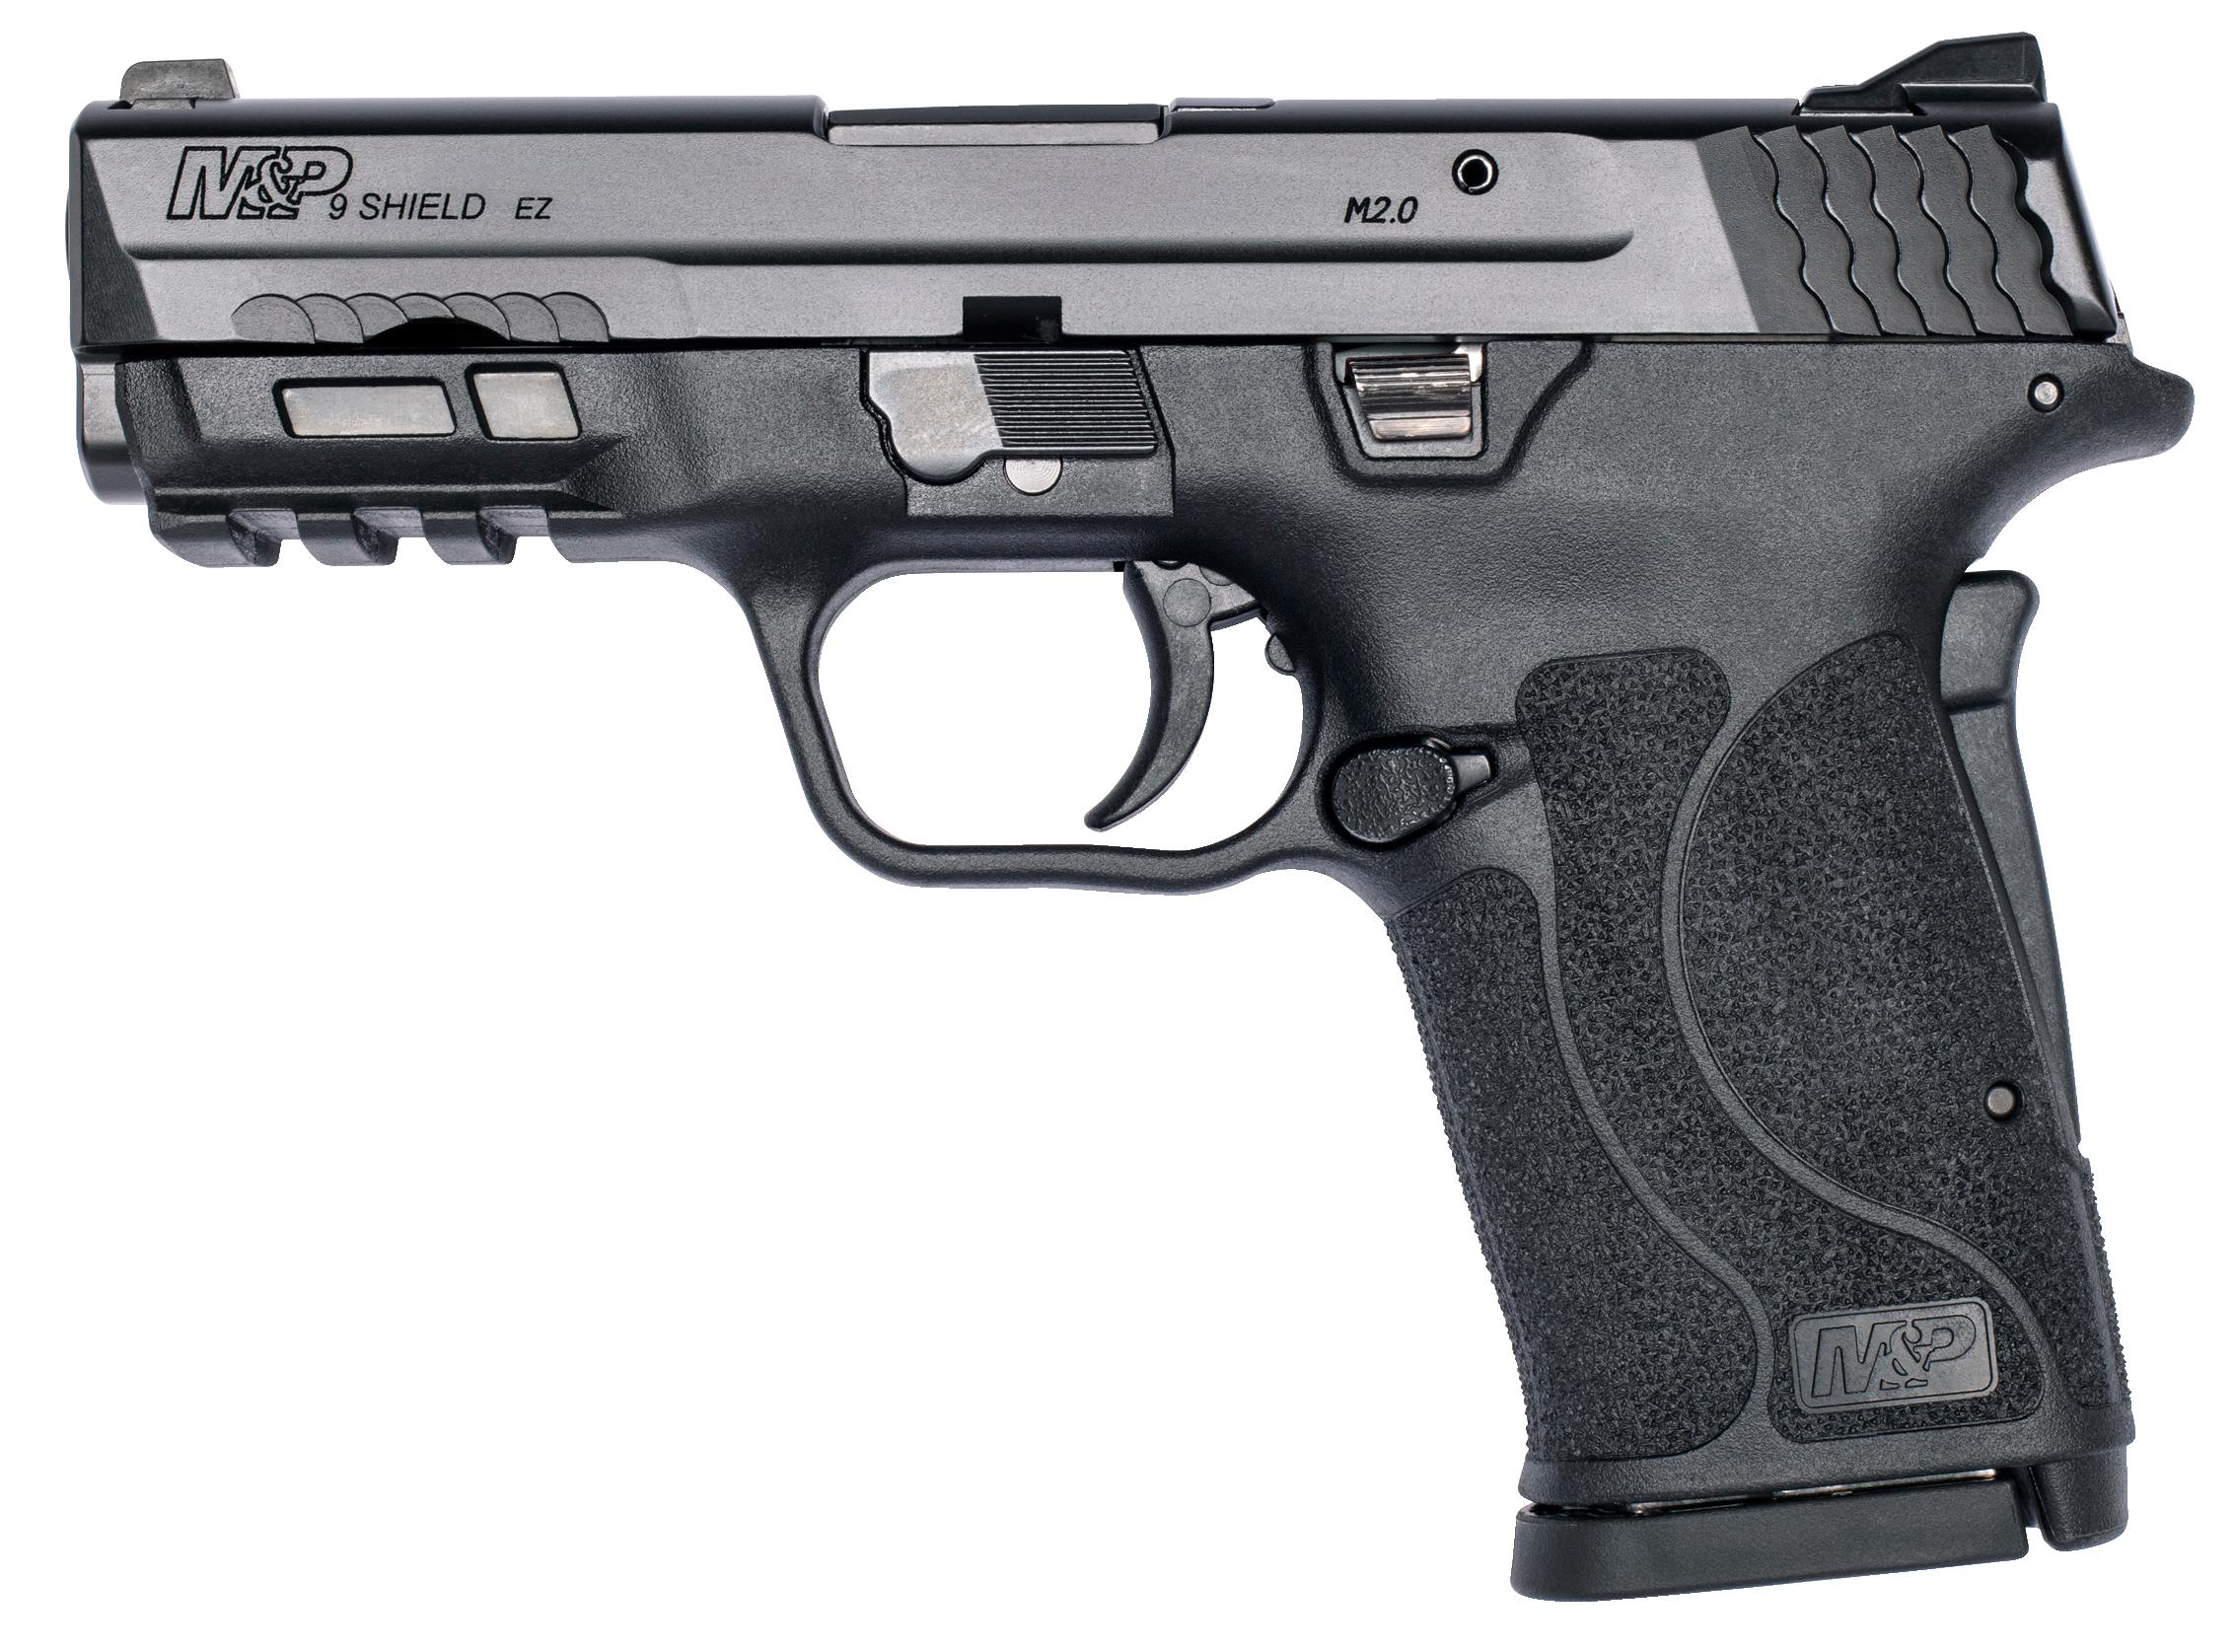 Smith & Wesson M&P9 Shield EZ M2.0 9mm Pistol, Black (12437)